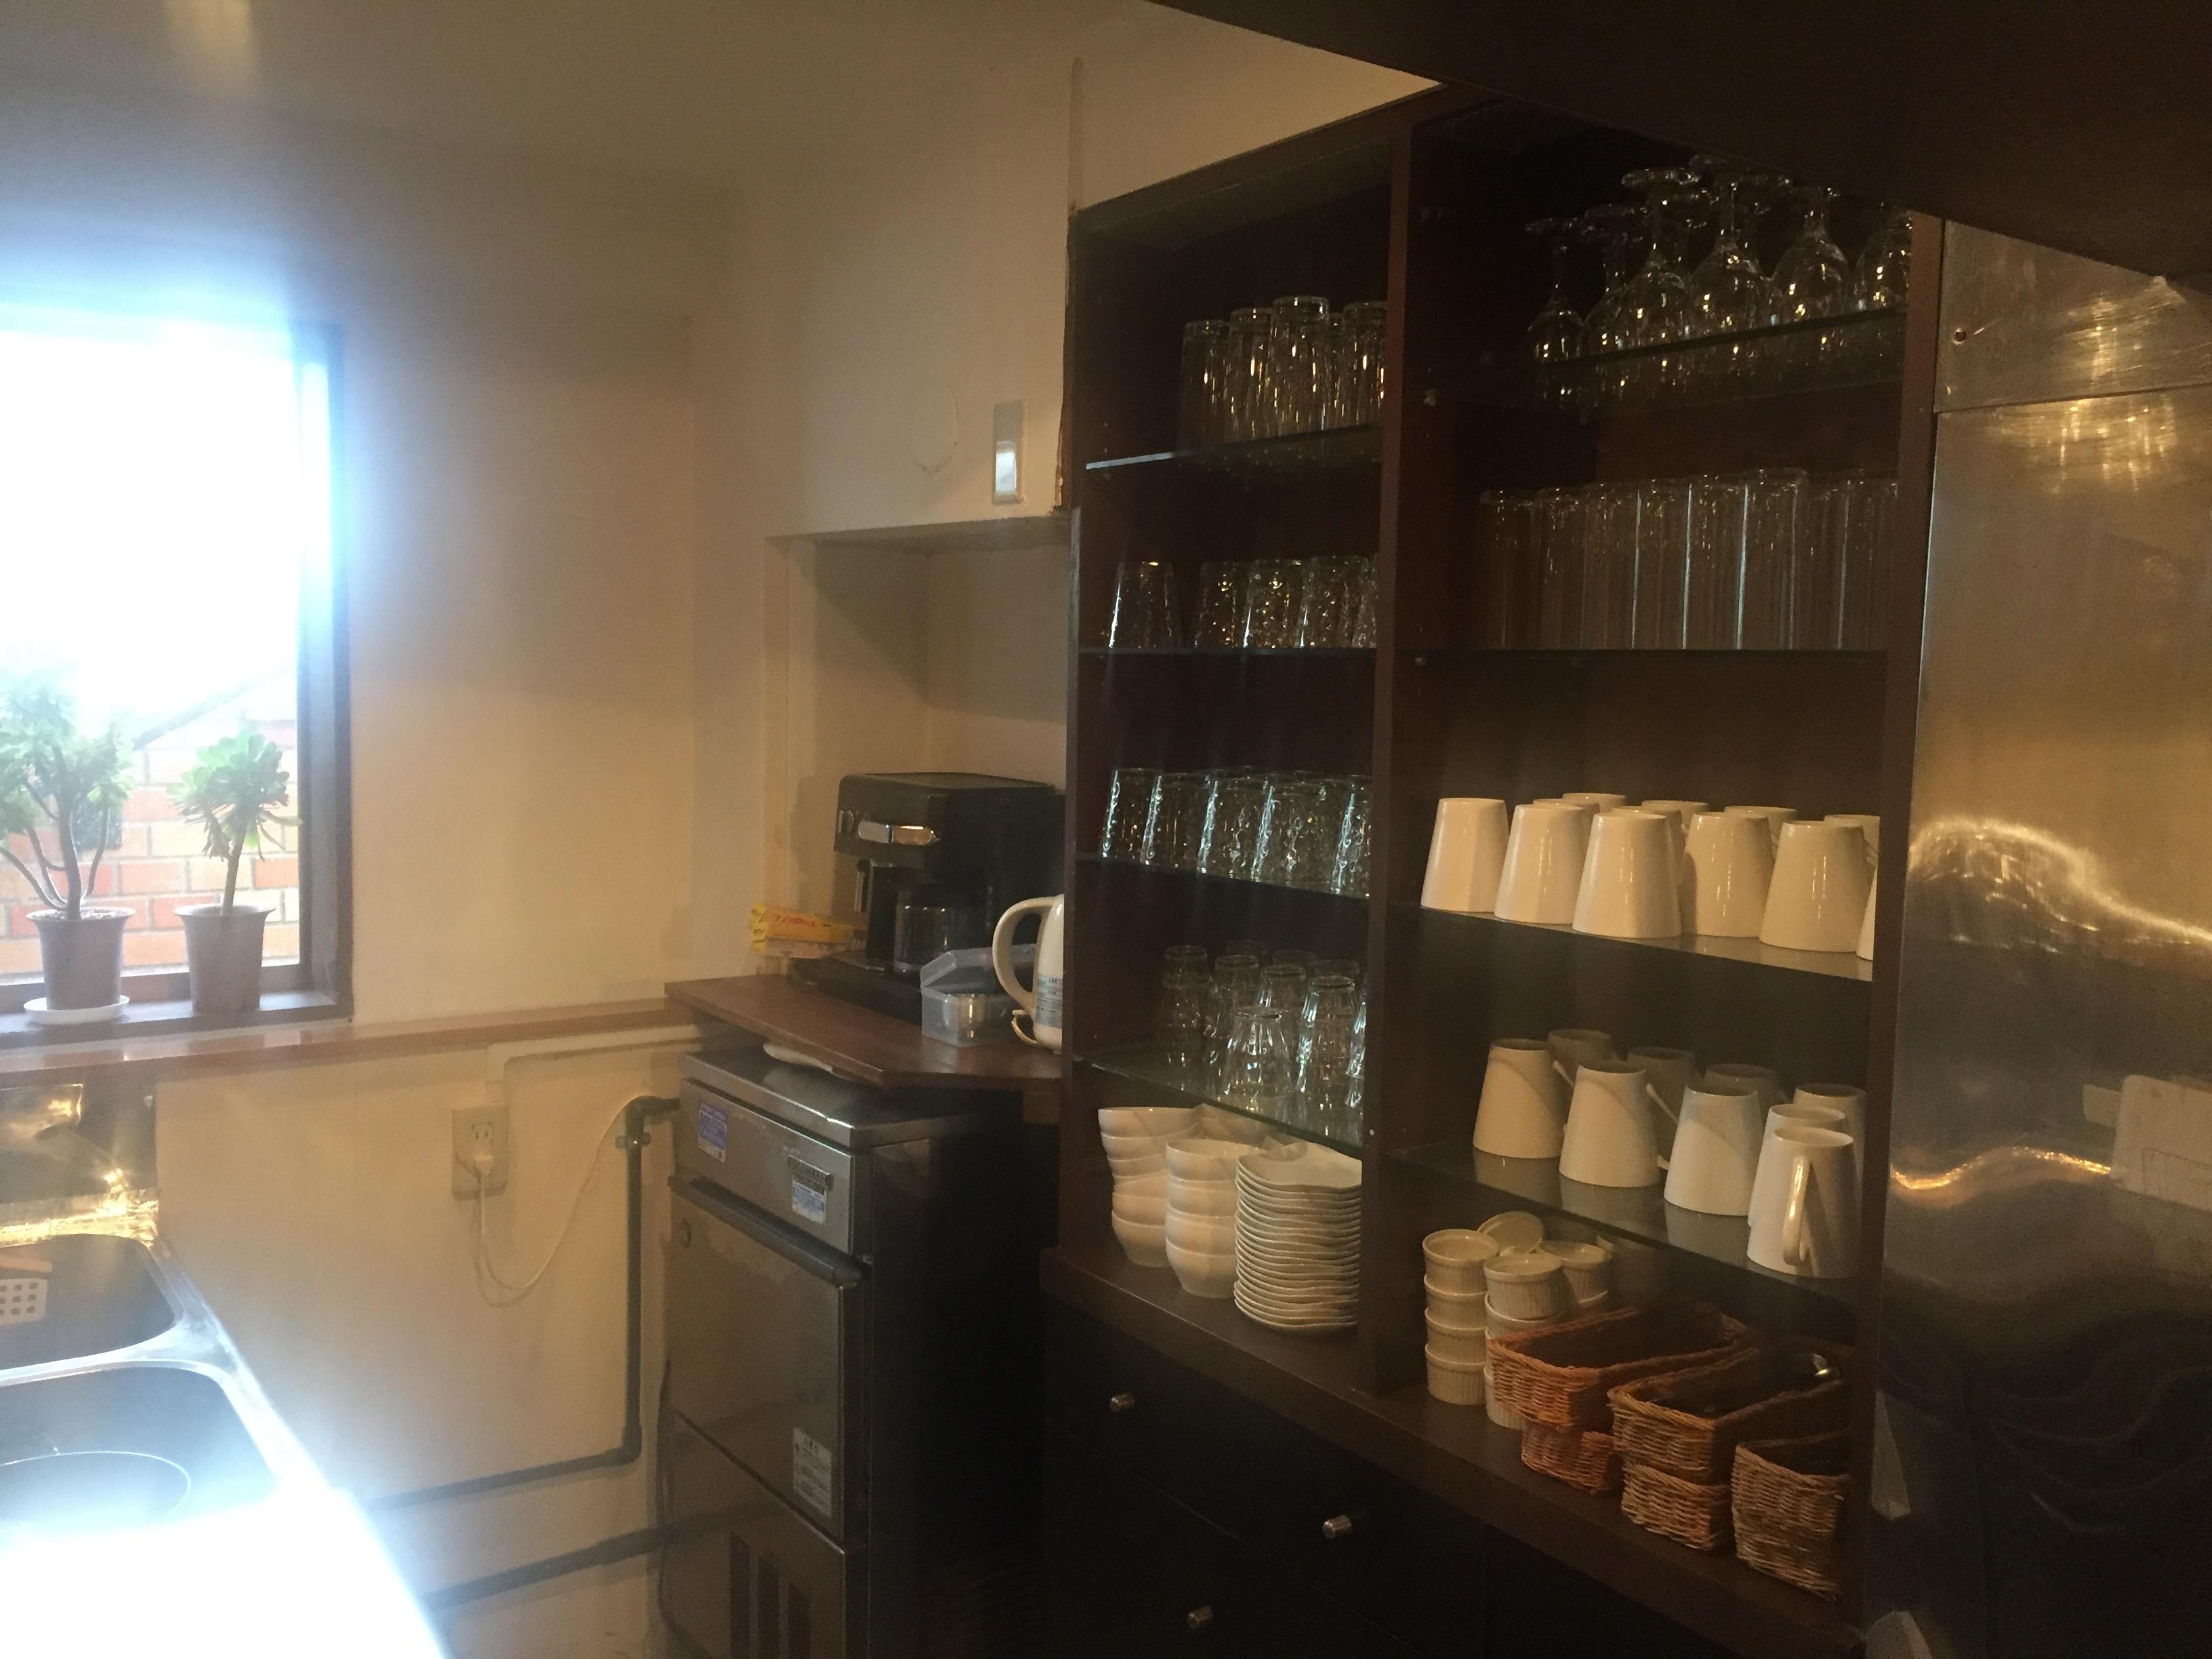 インスタで人気のキッチン付きスペースに新店舗!シックで大人な雰囲気の「magari 洗足店」